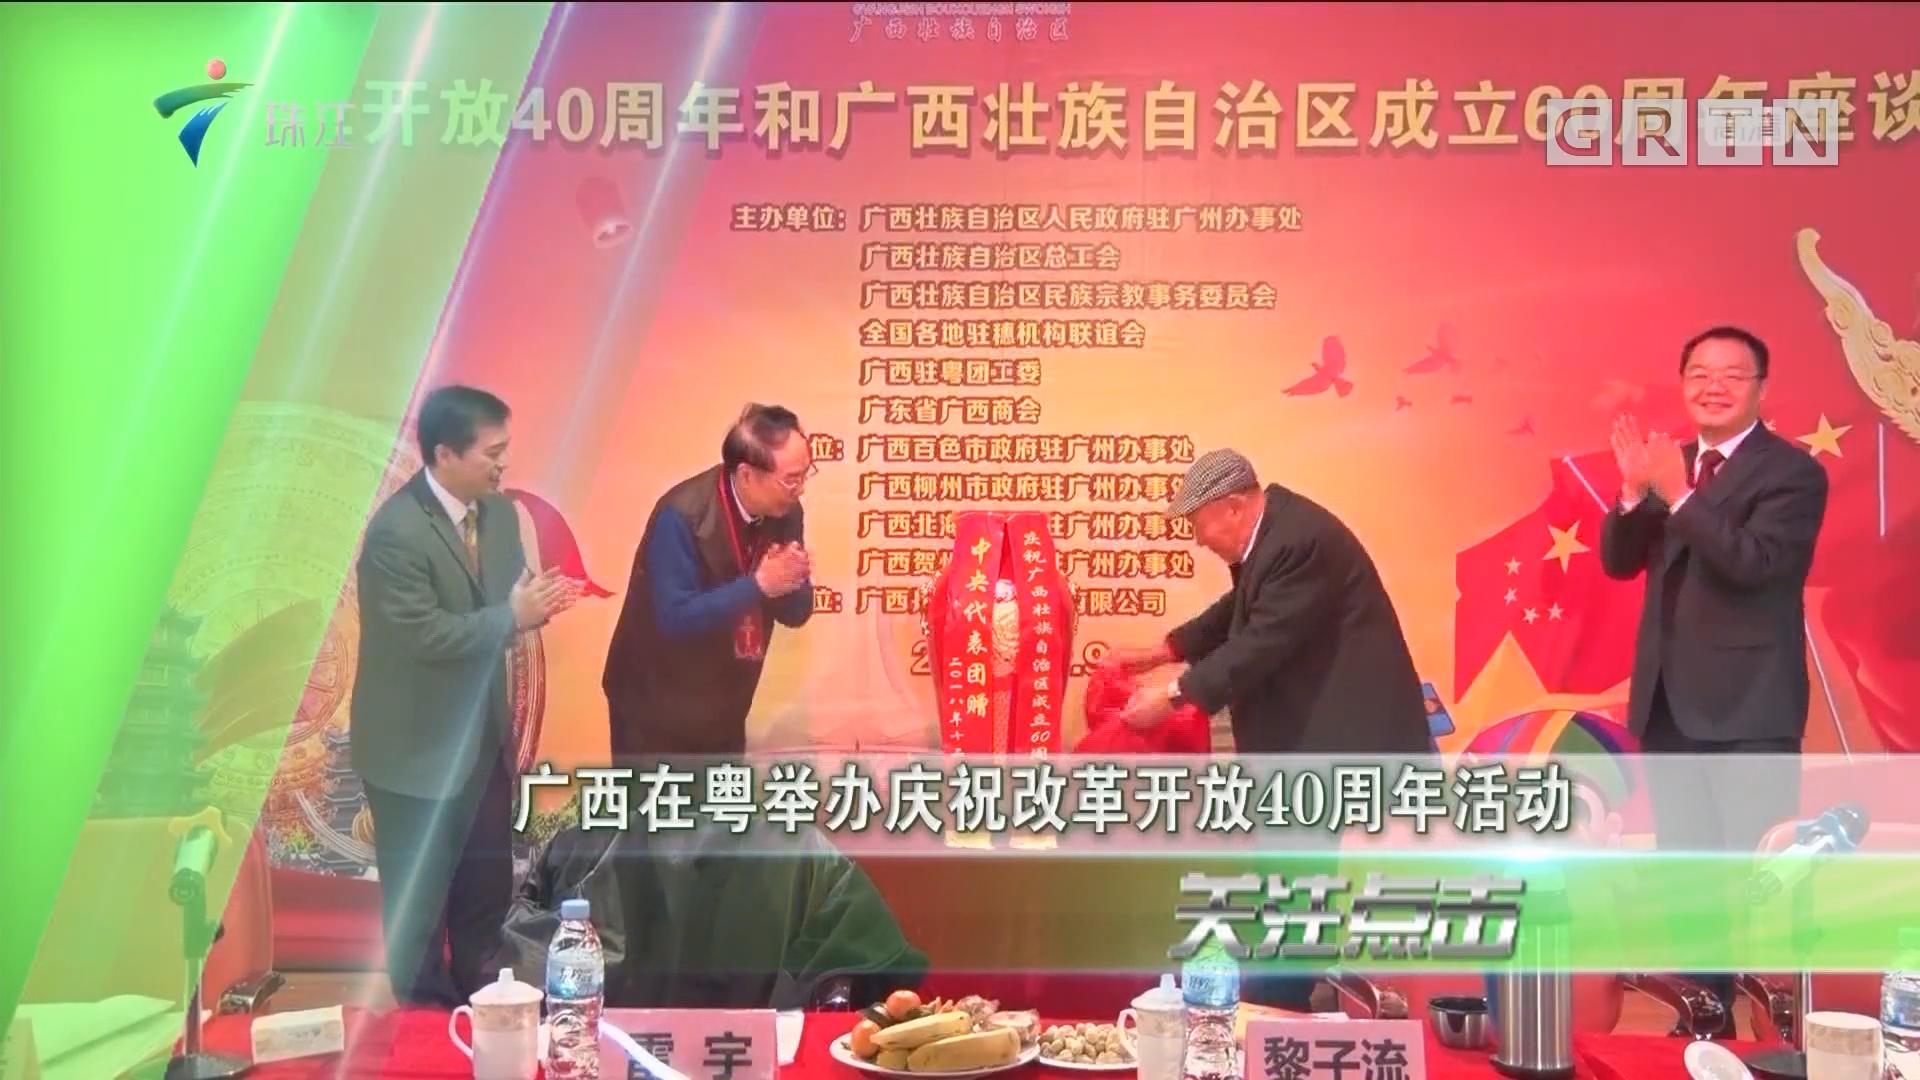 广西在粤举办庆祝改革开放40周年活动